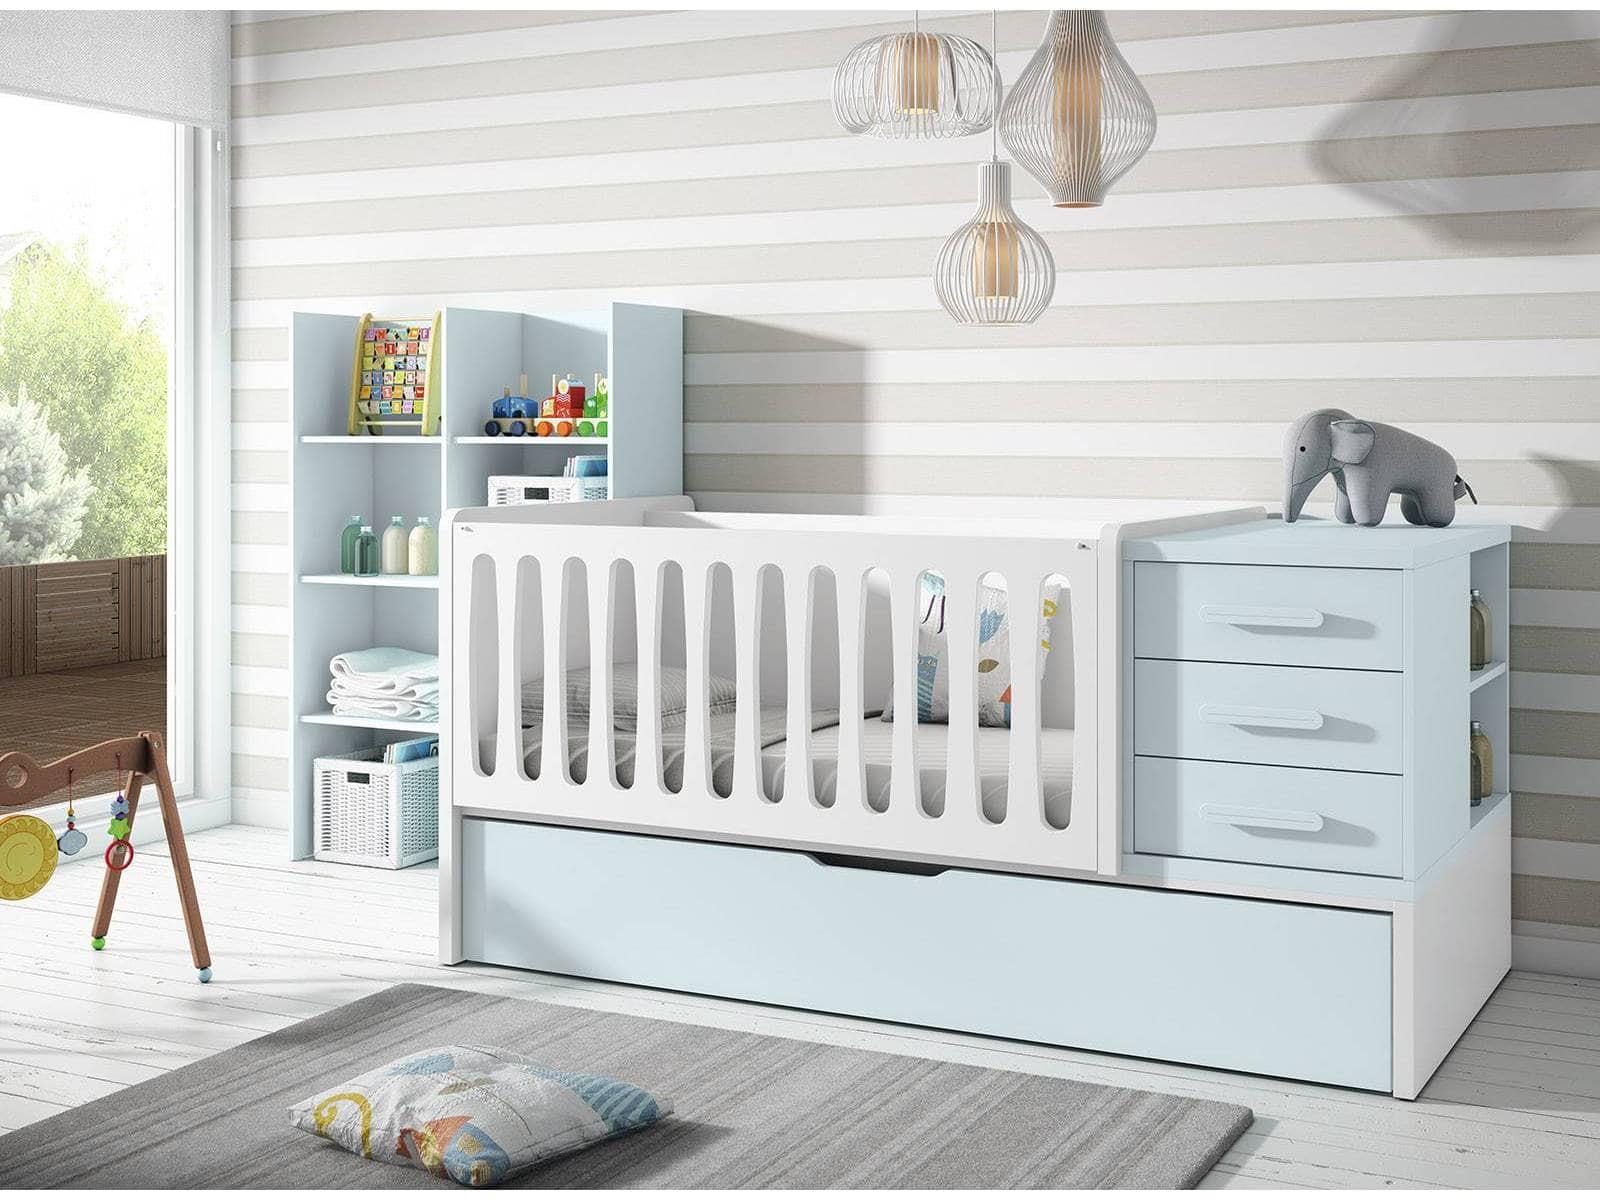 Cama cuna para bebé : Ventajas y características •